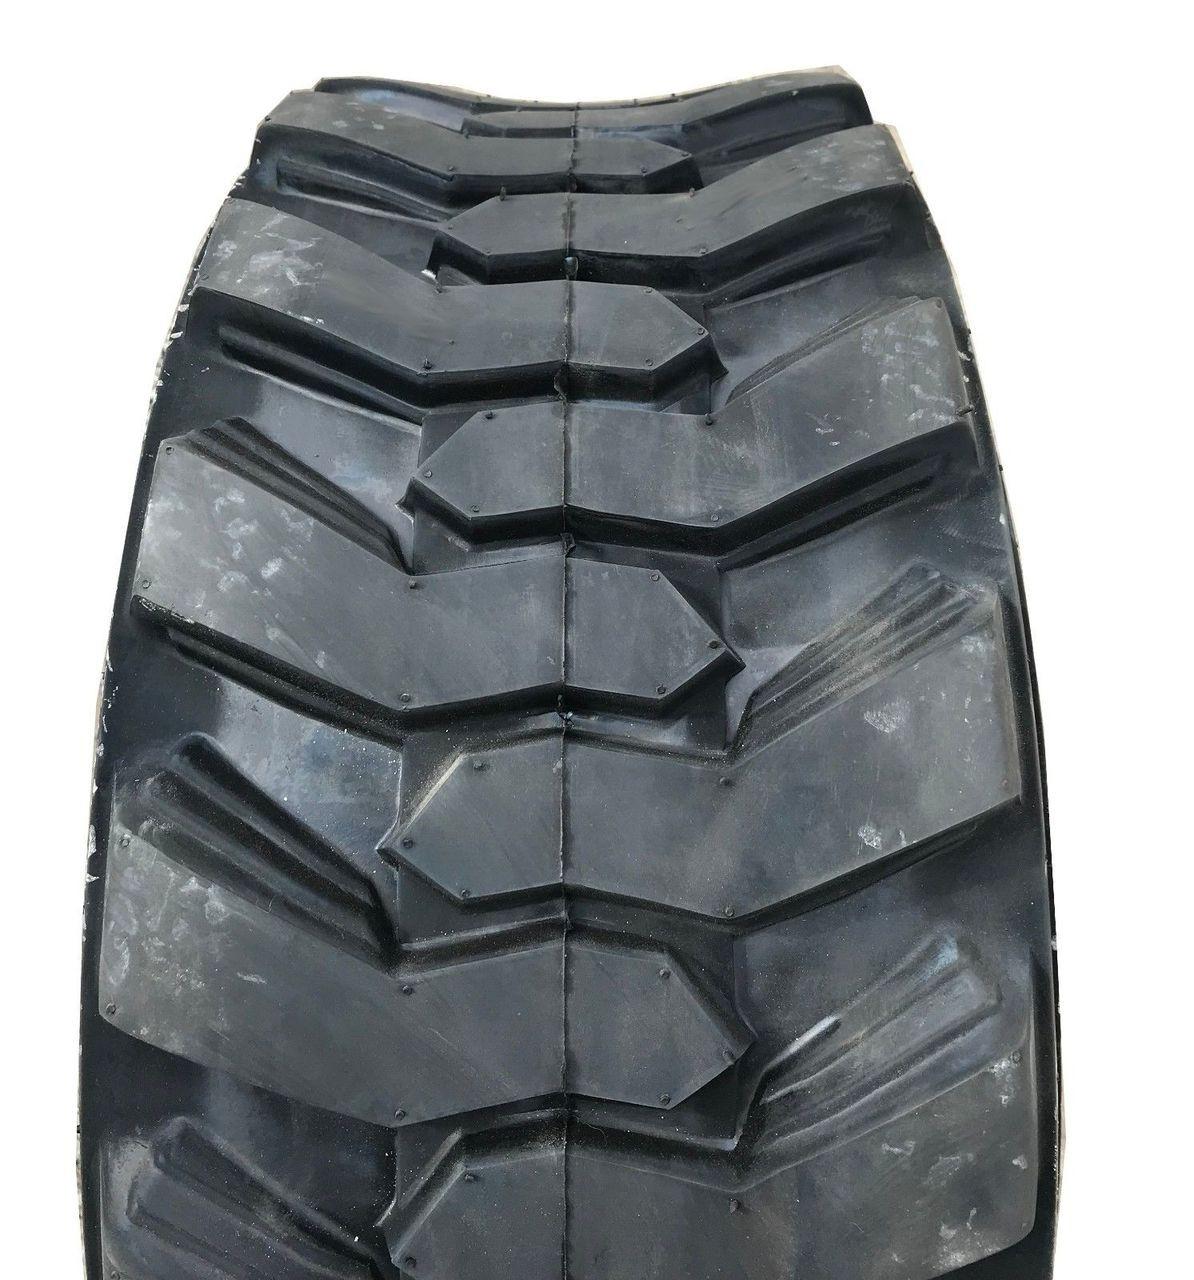 New Tire 10 16.5 Loadmaxx 10 Ply TL Skid Steer Loader 10x16.5 Rim Guard G1